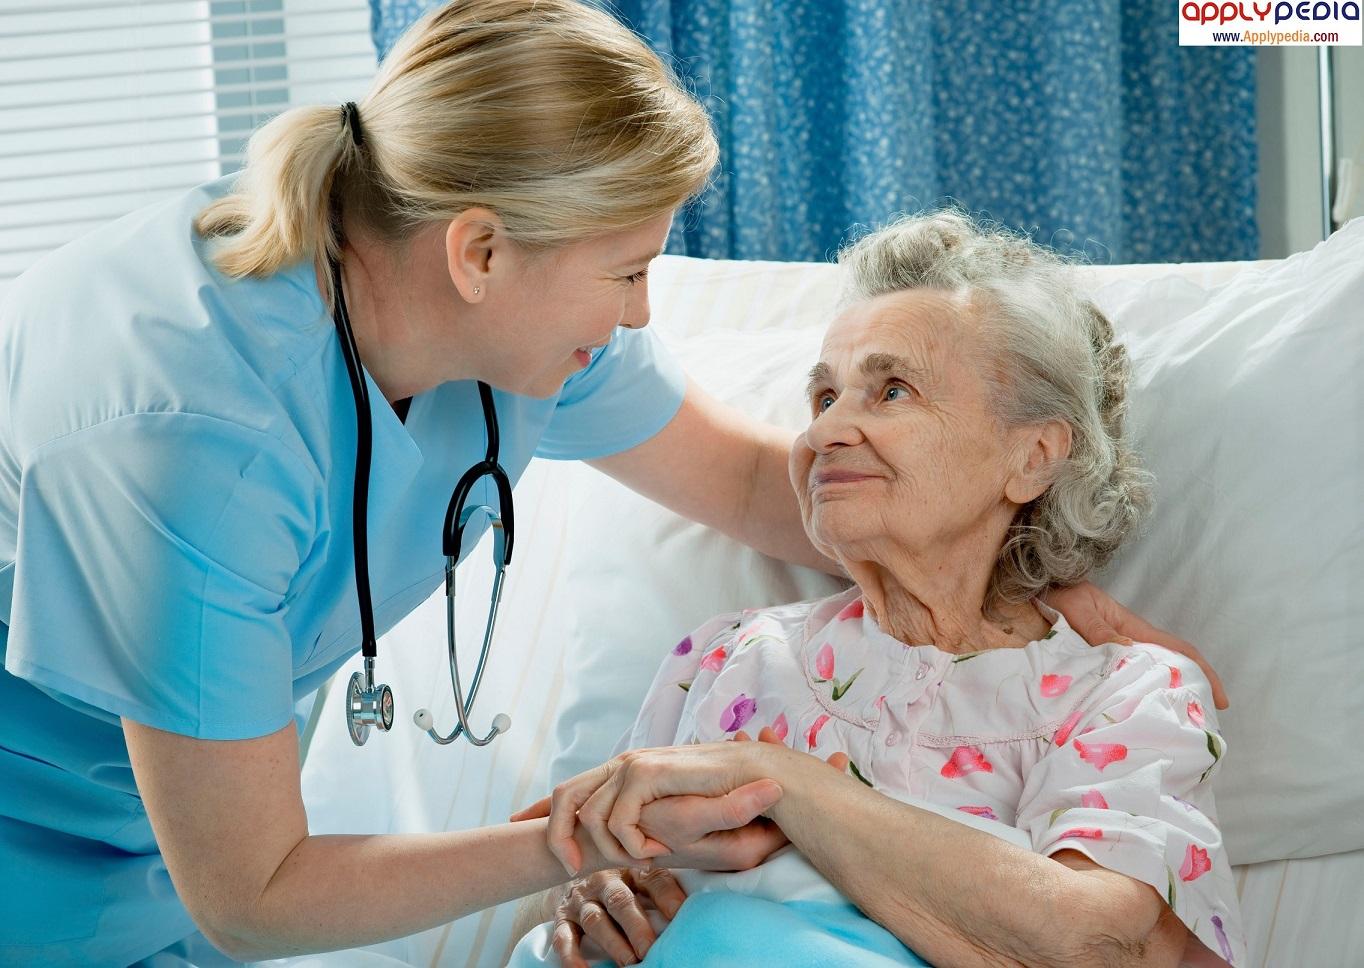 مبانی شغلی پرستاری، انواع پرستاری در ایالات متحده آمریکا، انواع پرستاری در آمریکا